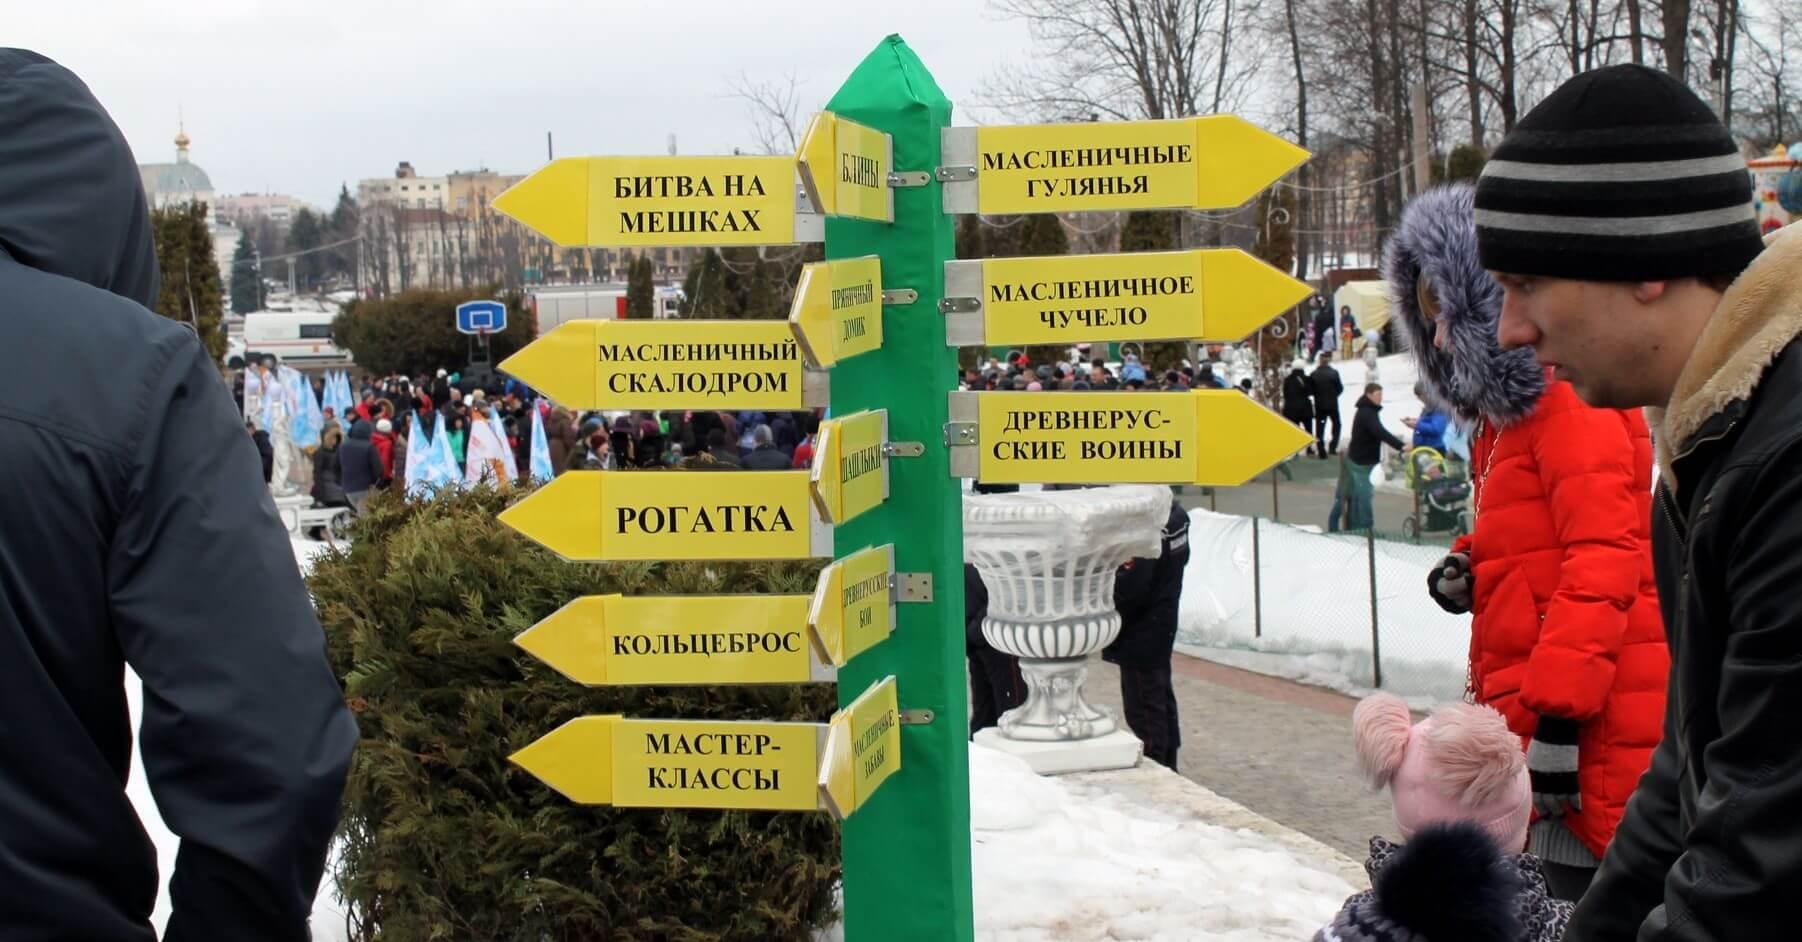 В Твери на Масленицу будут работать стилизованные ярмарки